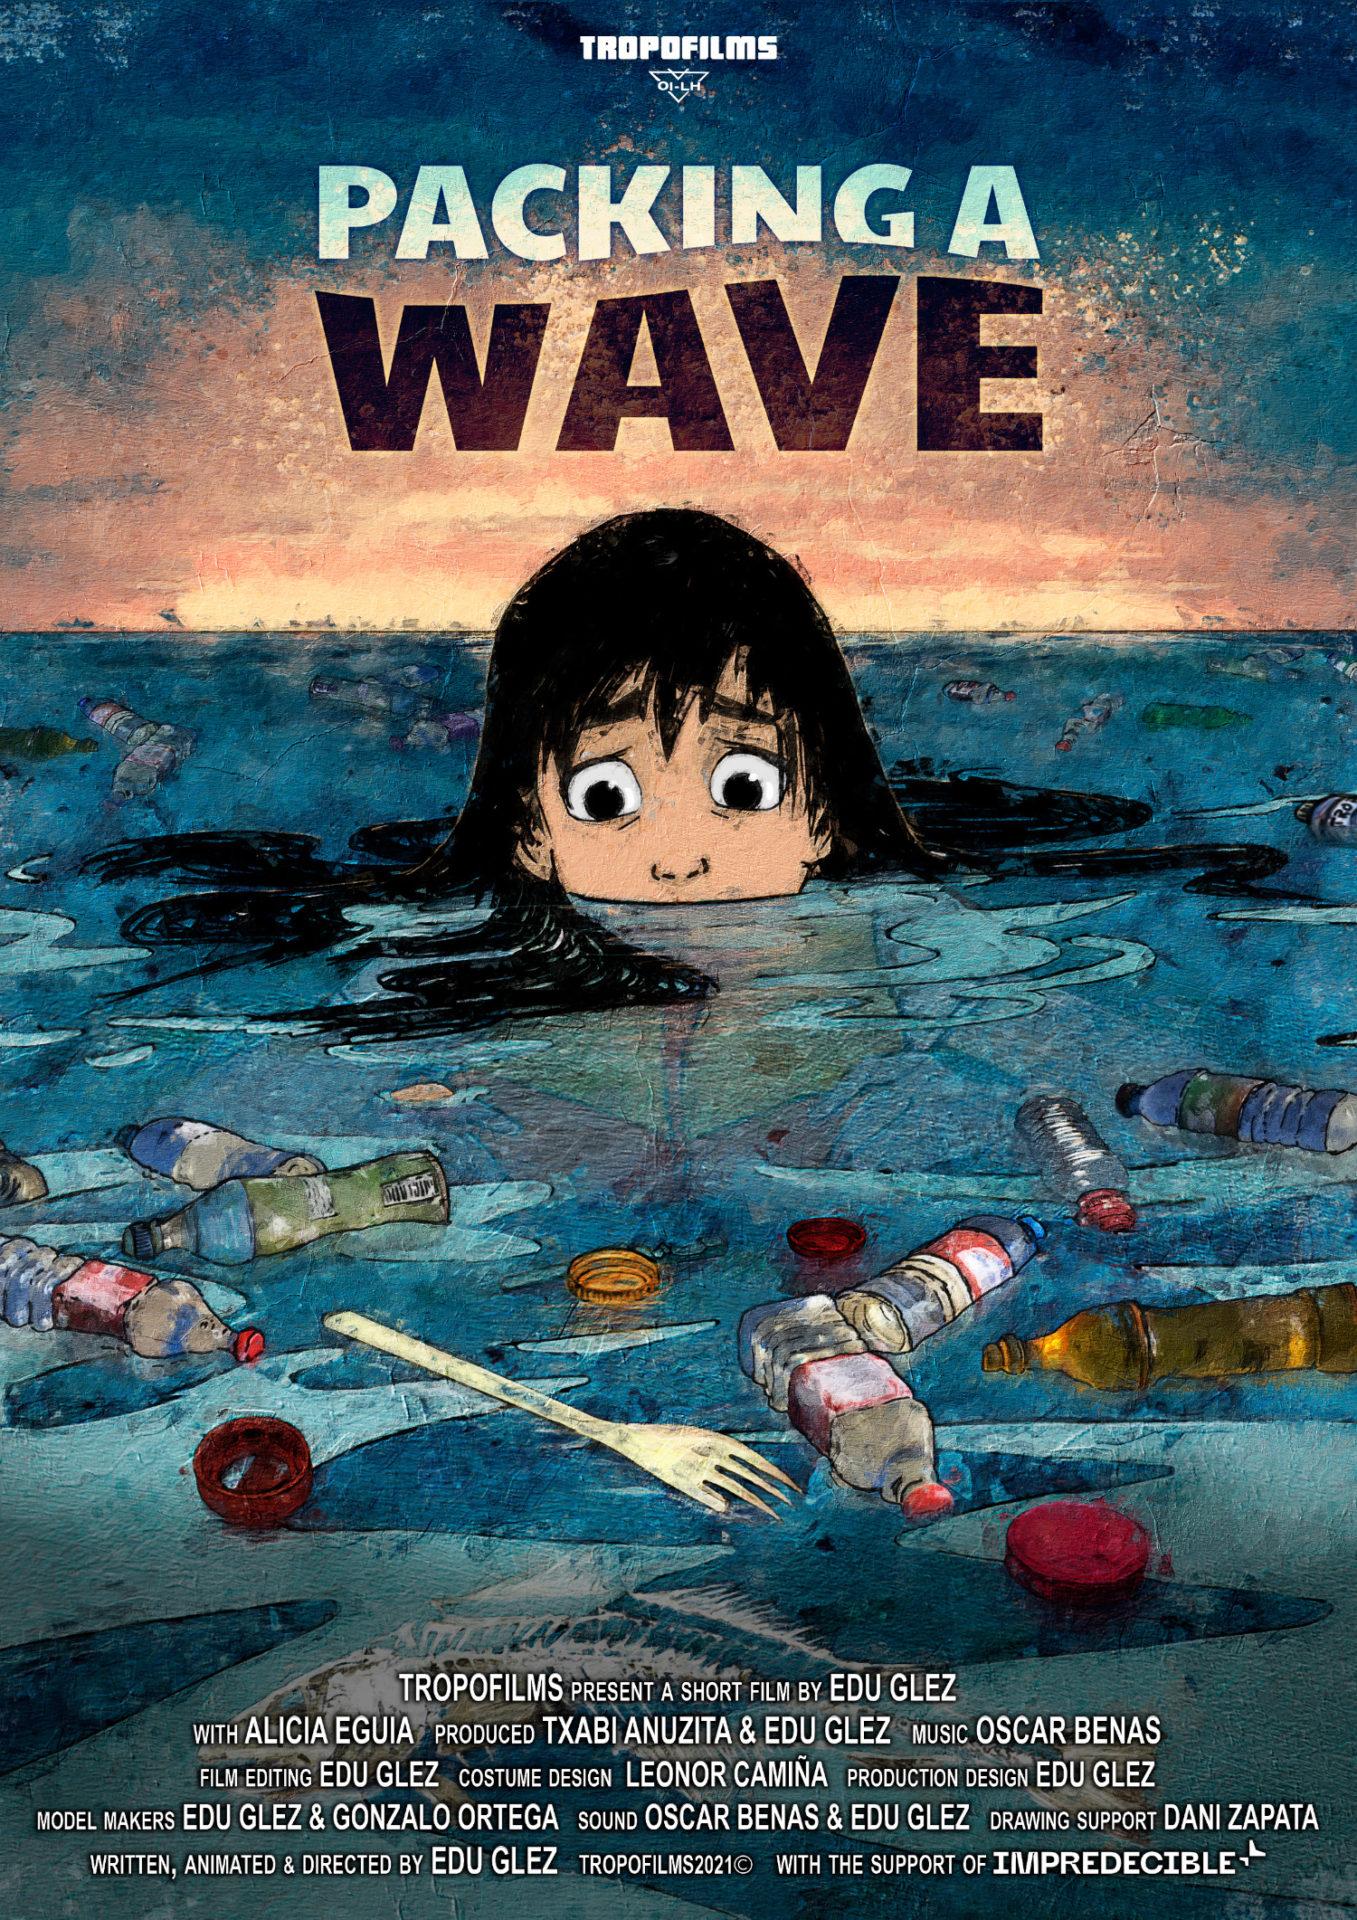 Cartel del cortometraje de animación Packing a wave